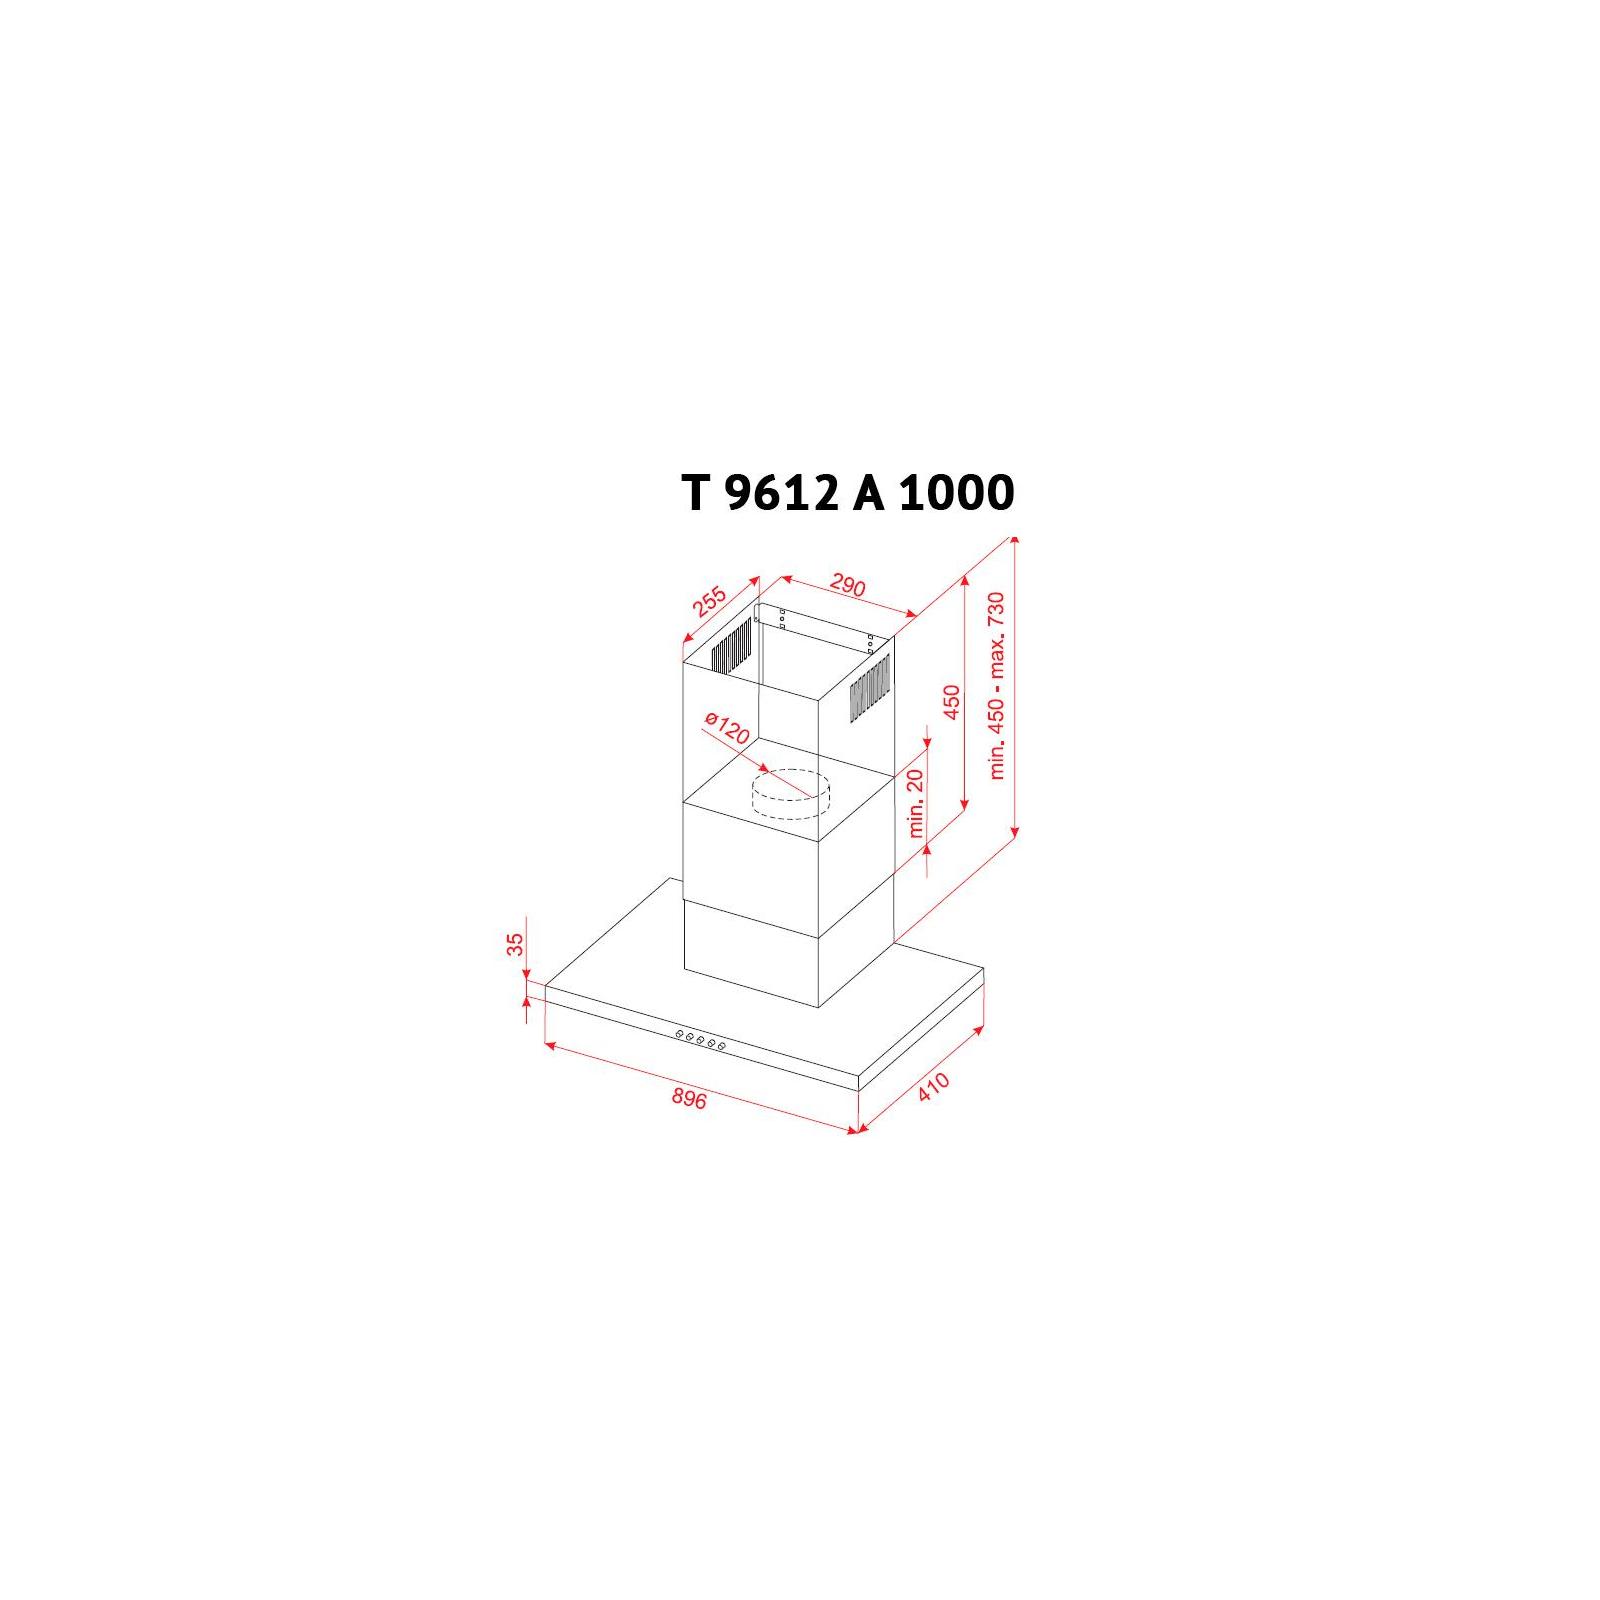 Вытяжка кухонная PERFELLI T 9612 A 1000 BL LED изображение 10